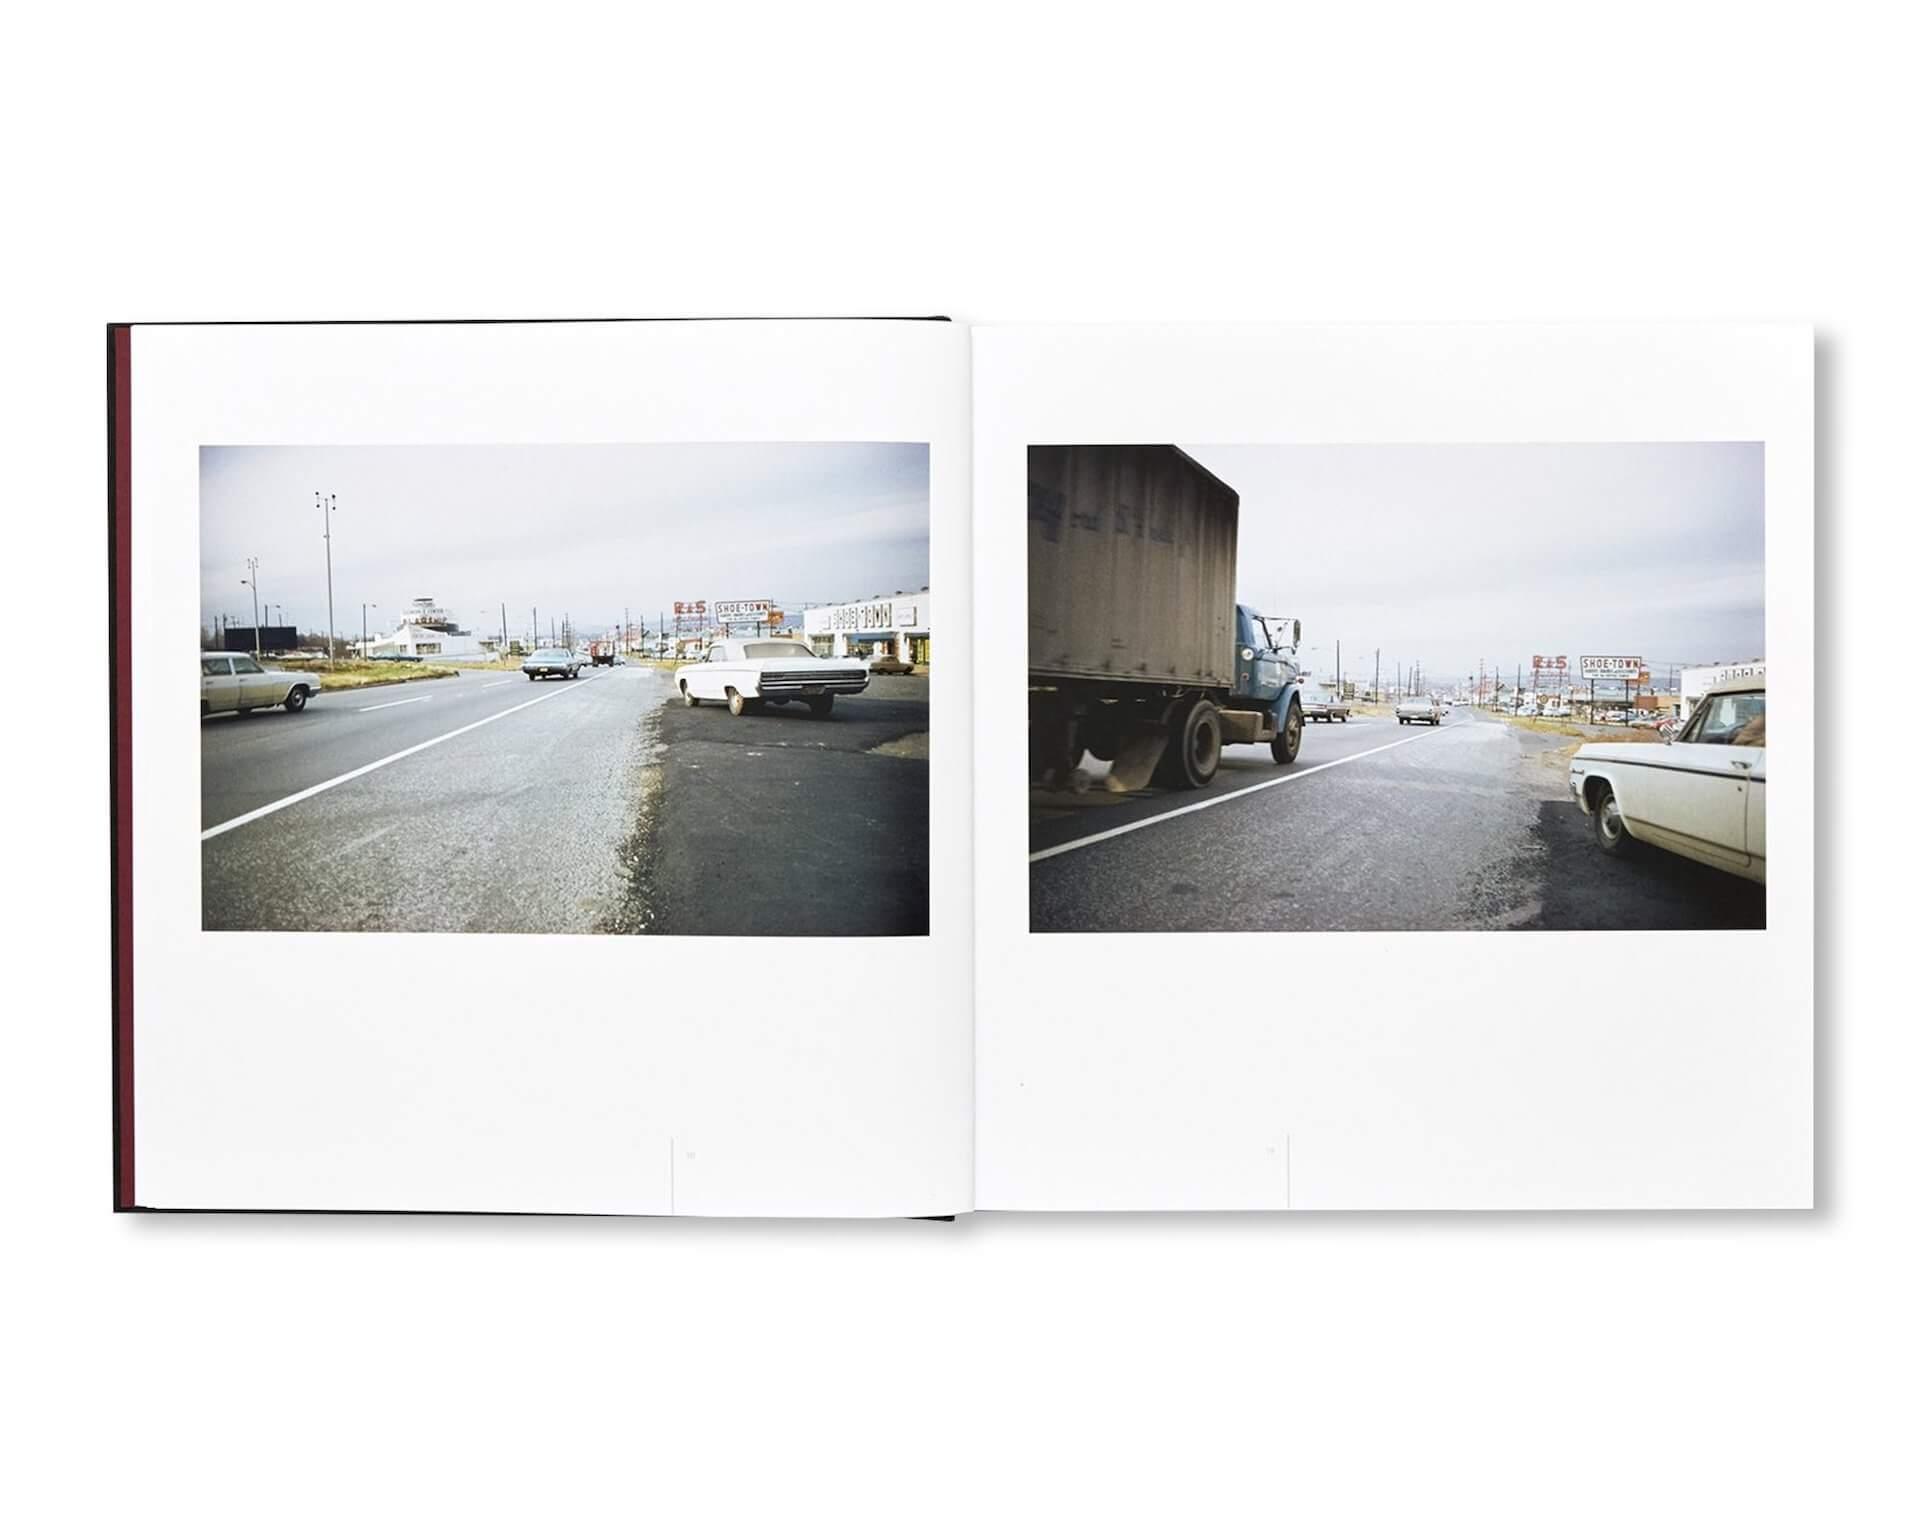 アートブックノススメ|Qetic編集部が選ぶ5冊/Roni Ahn 他 column210916_artbook-015